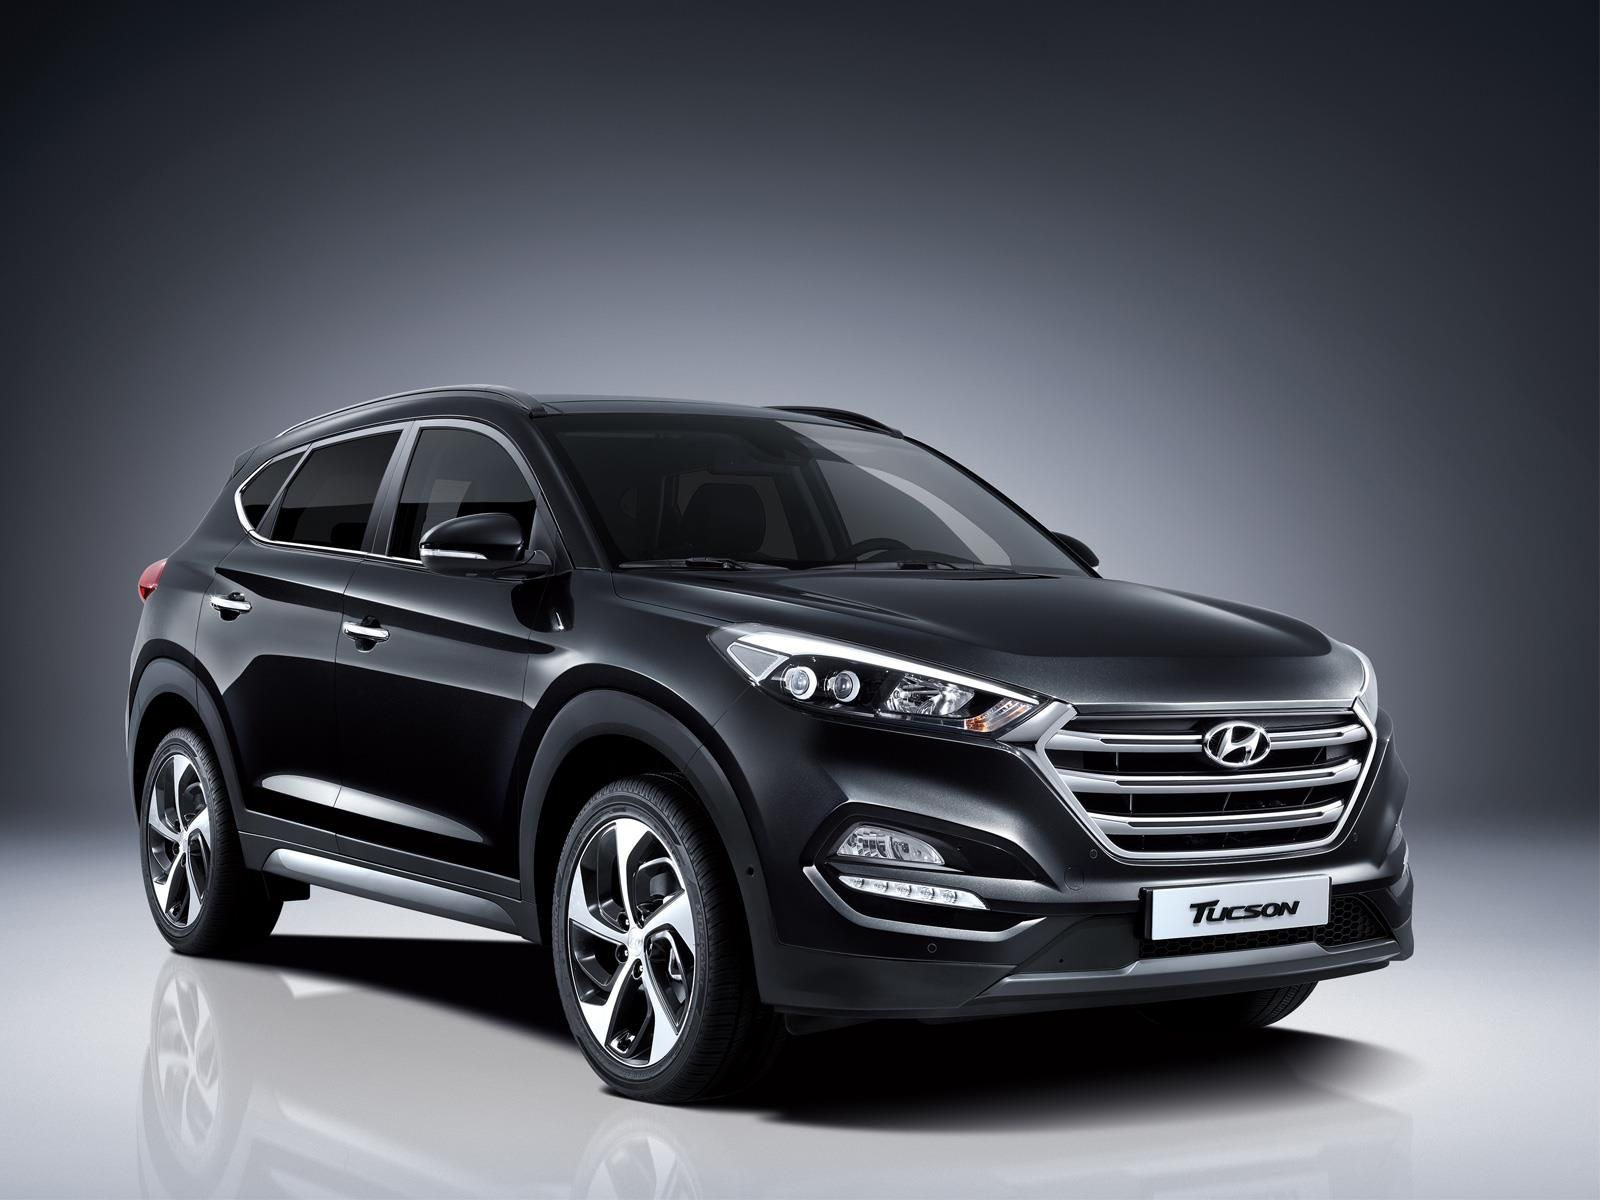 Hyundai Tucson 2016 Hľadat Googlom Hyundai Suv Suv Cars Hyundai Tucson